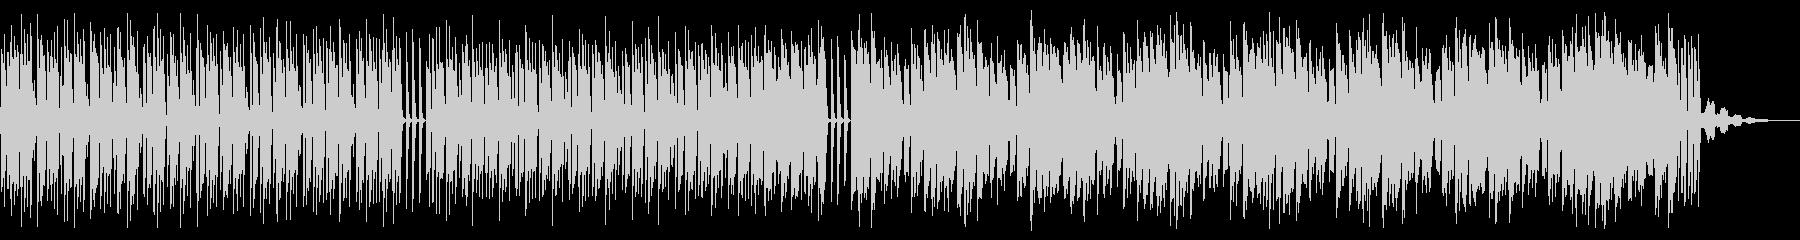 シンプルでビートの強いテクノ_3の未再生の波形